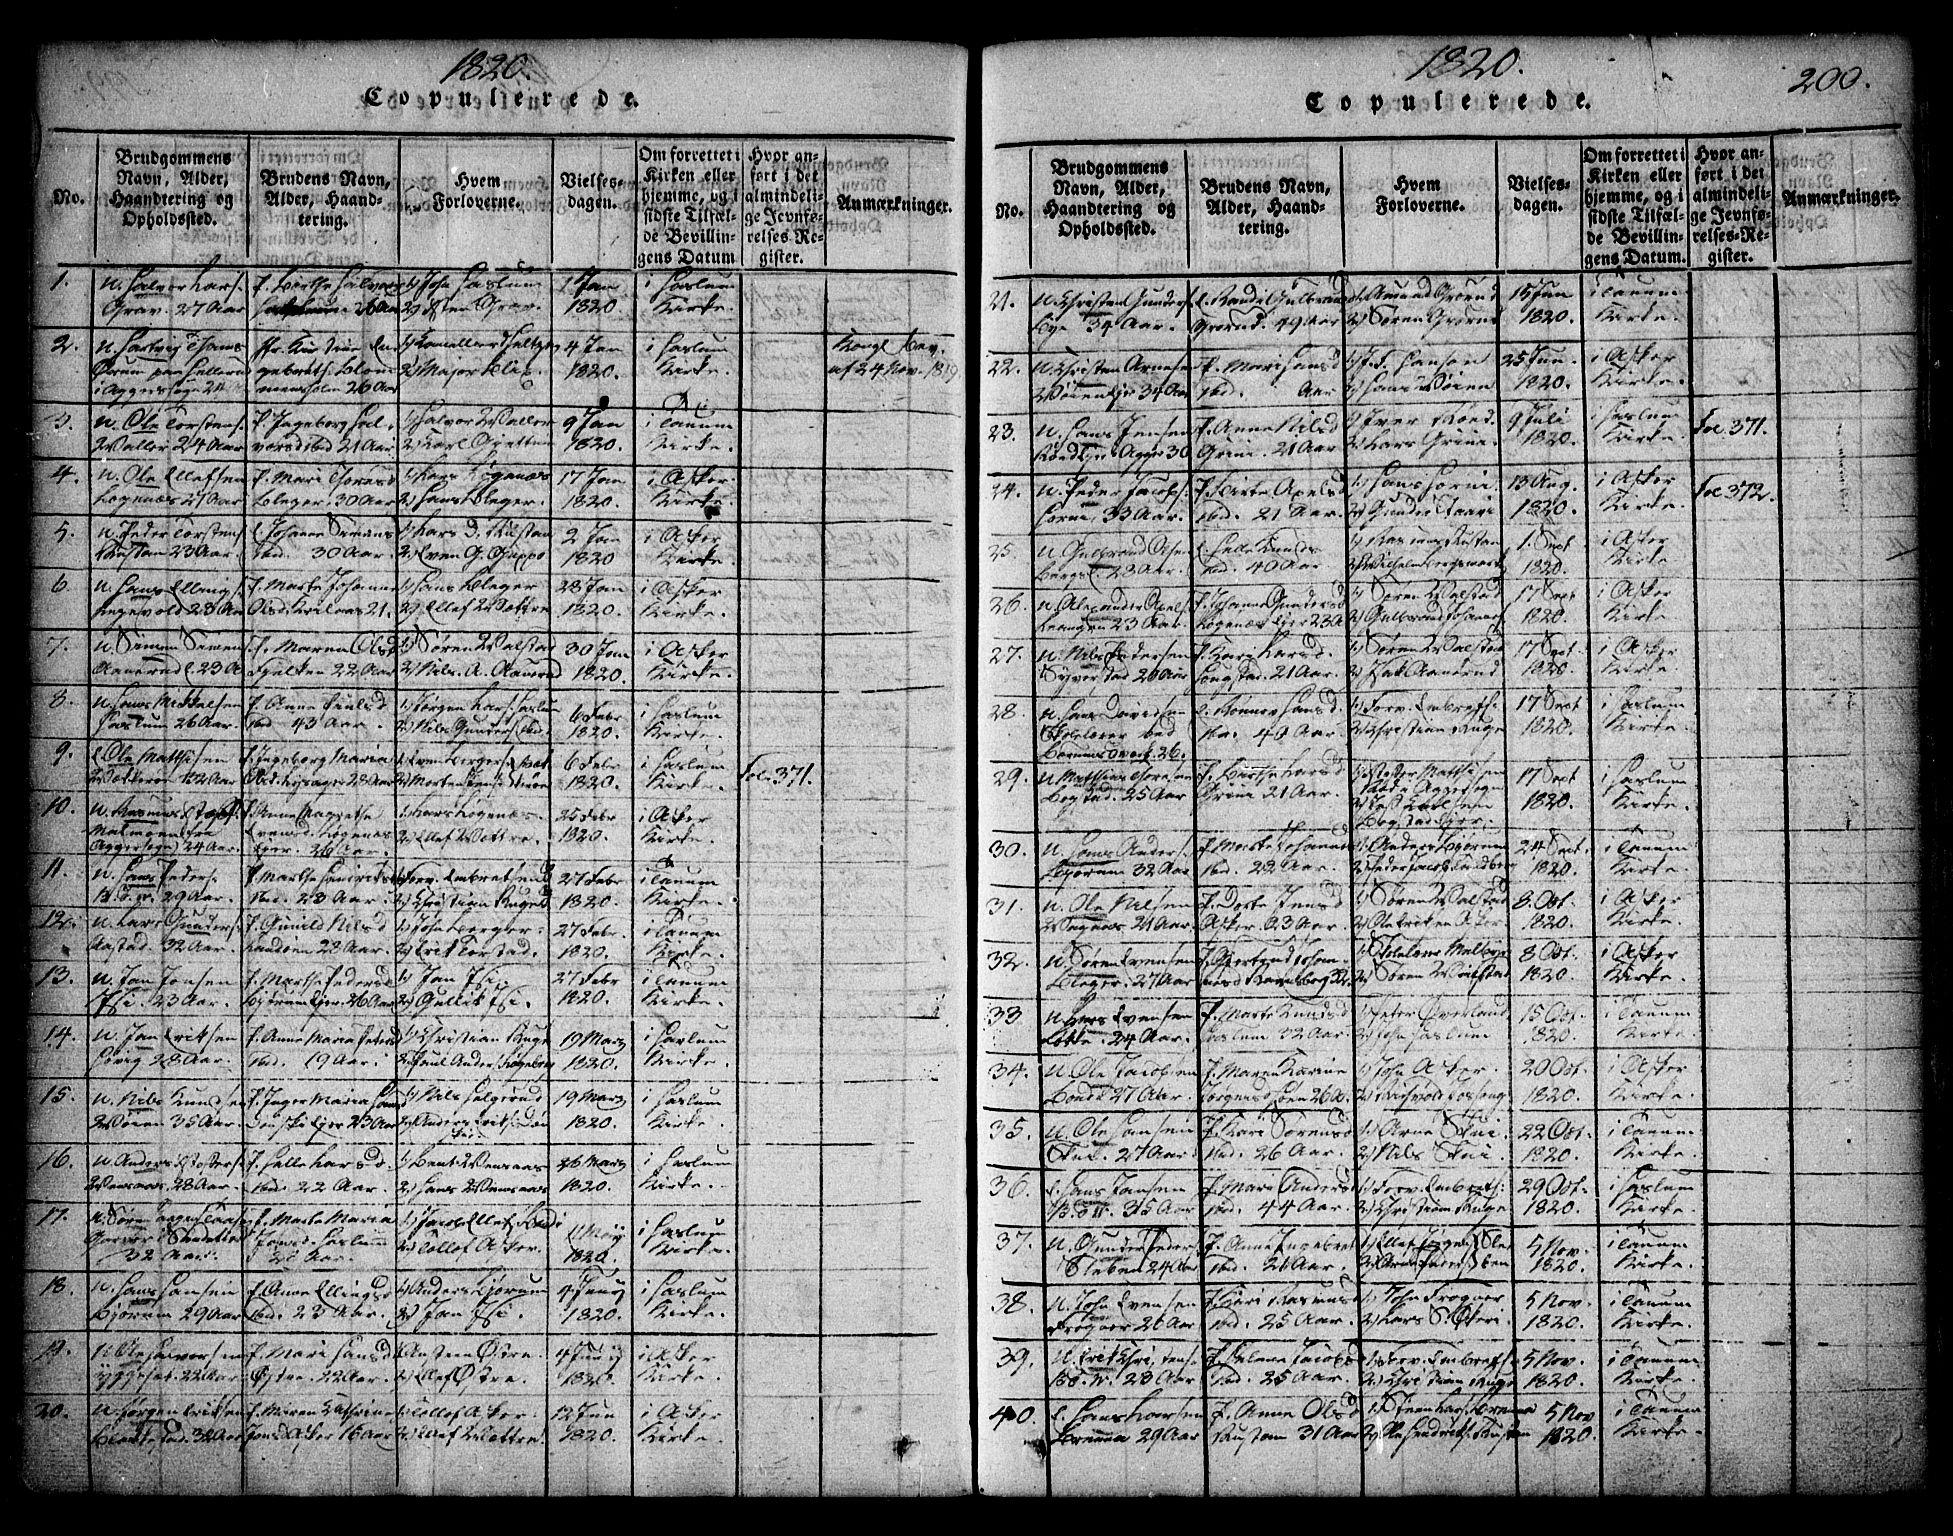 SAO, Asker prestekontor Kirkebøker, F/Fa/L0006: Ministerialbok nr. I 6, 1814-1824, s. 200